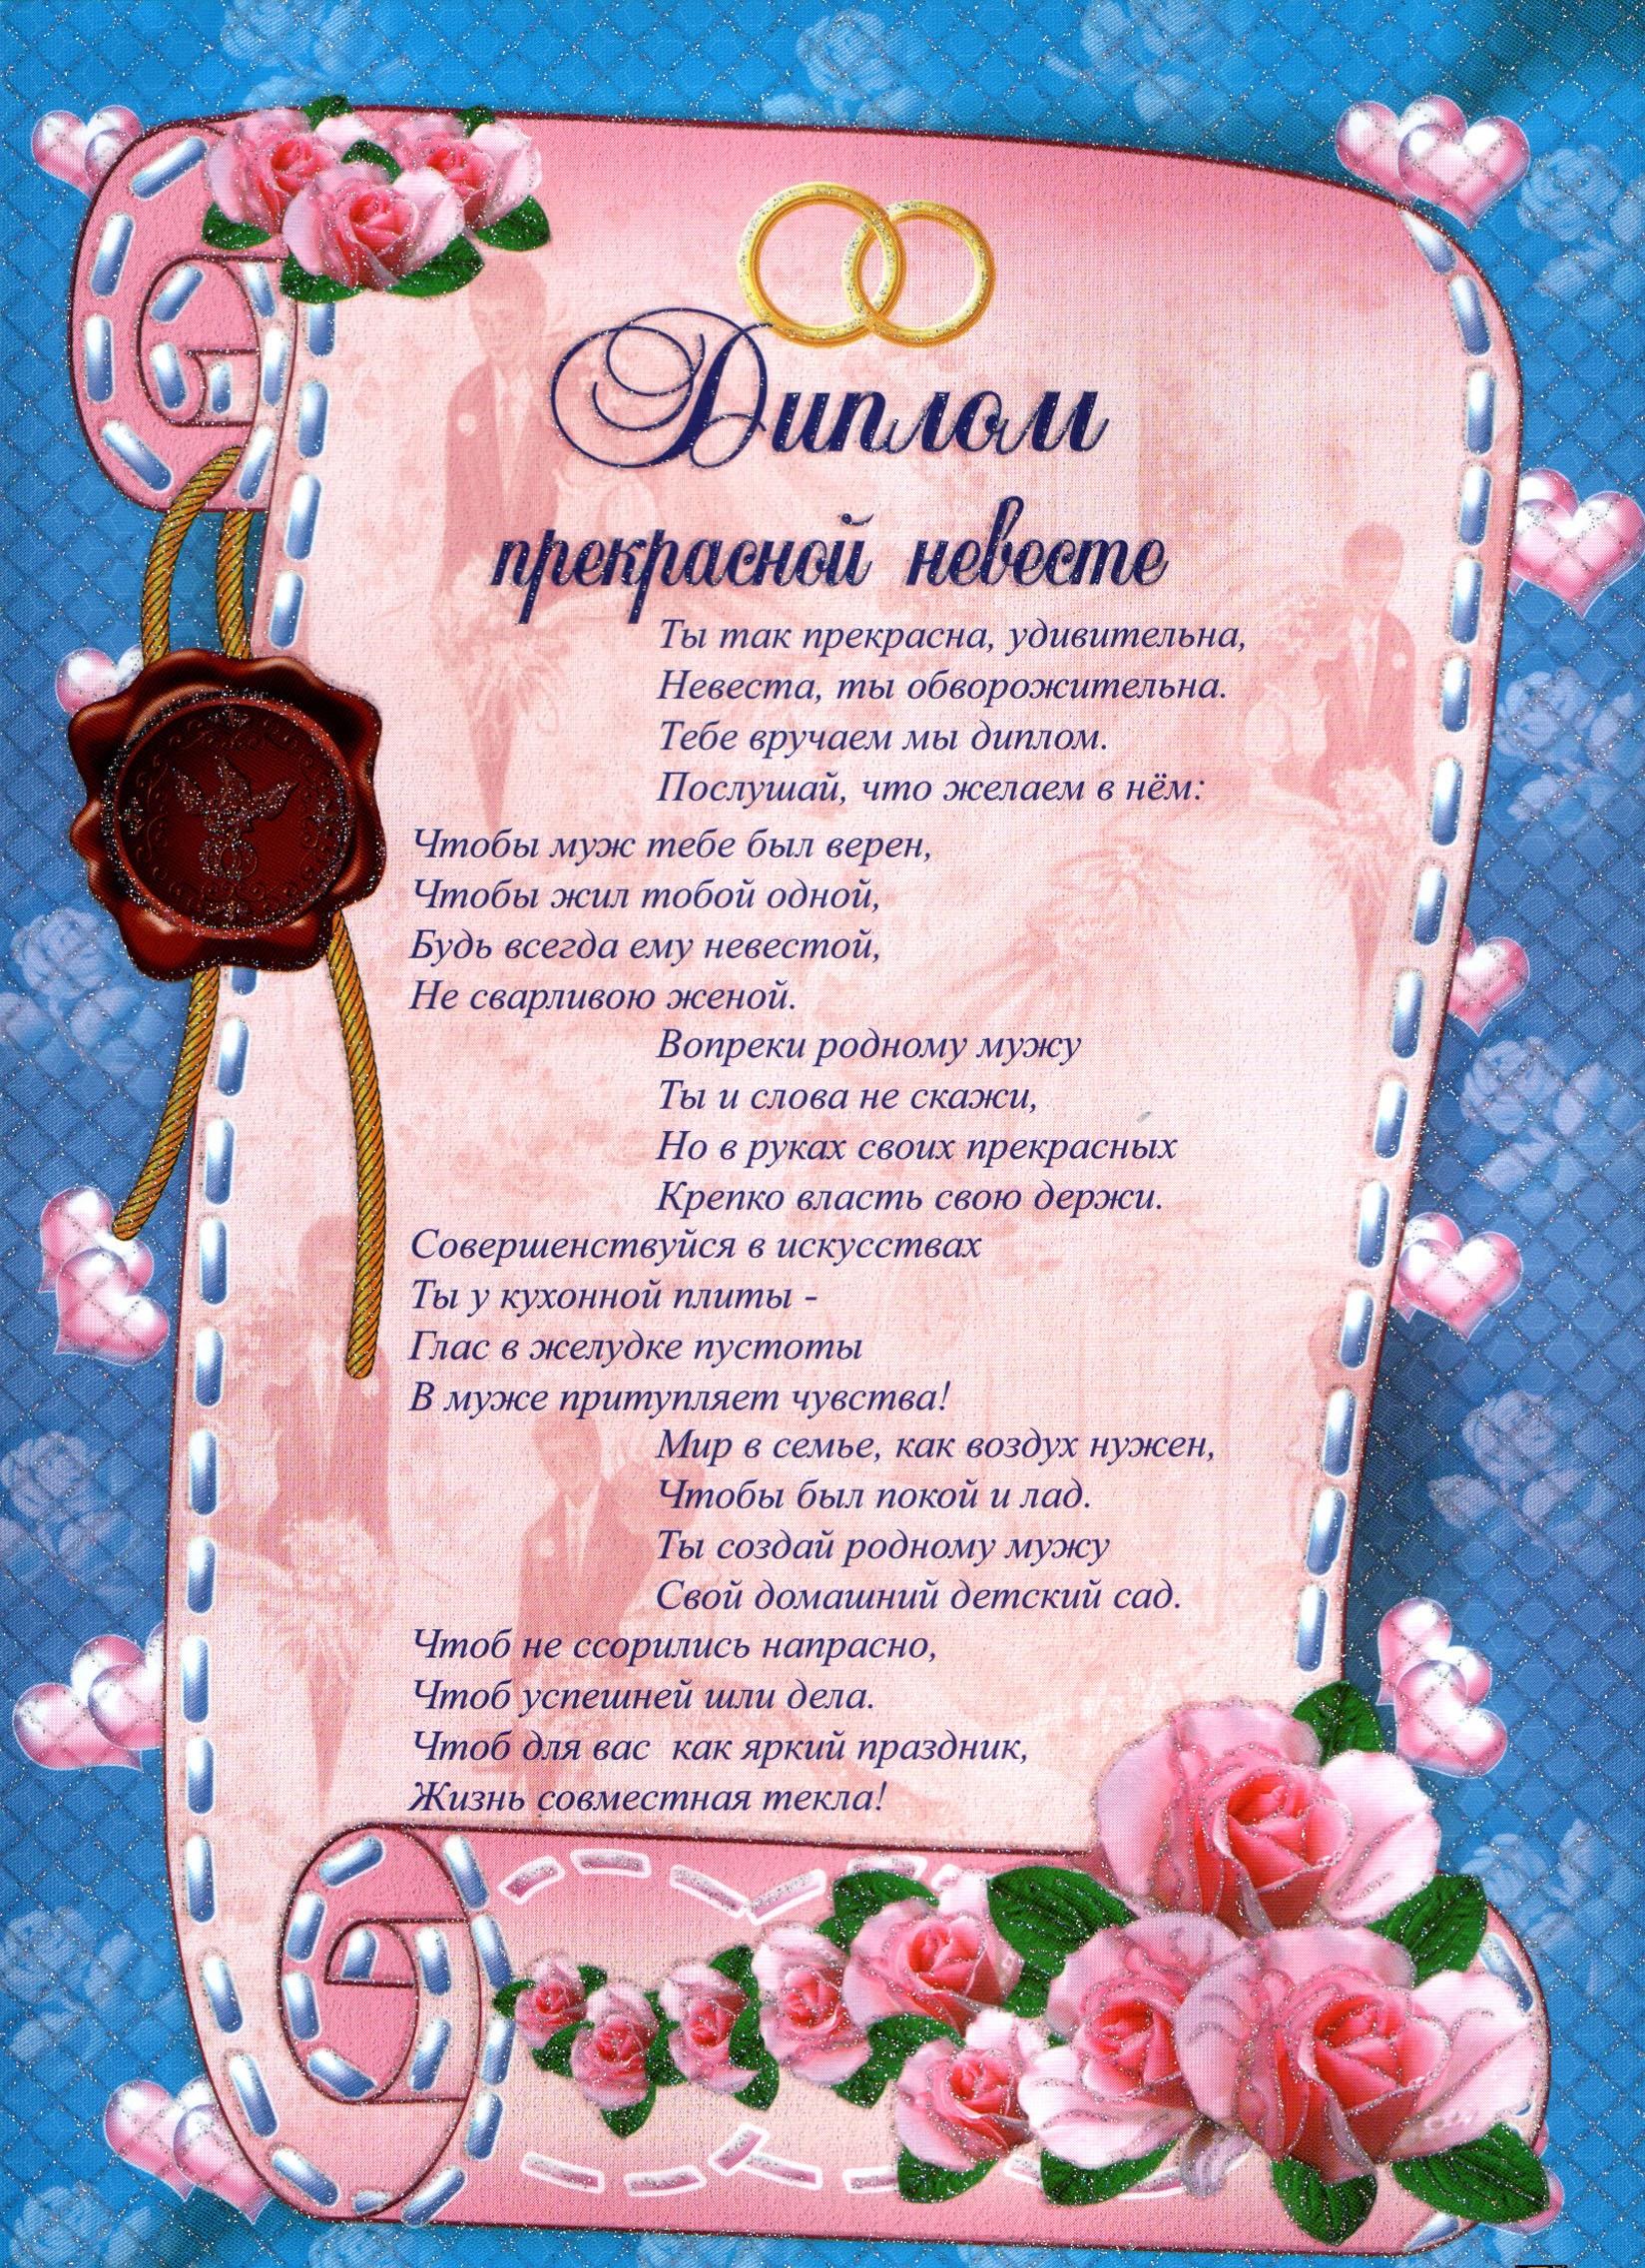 Печать грамот и дипломов невесте в Москве | фото 7